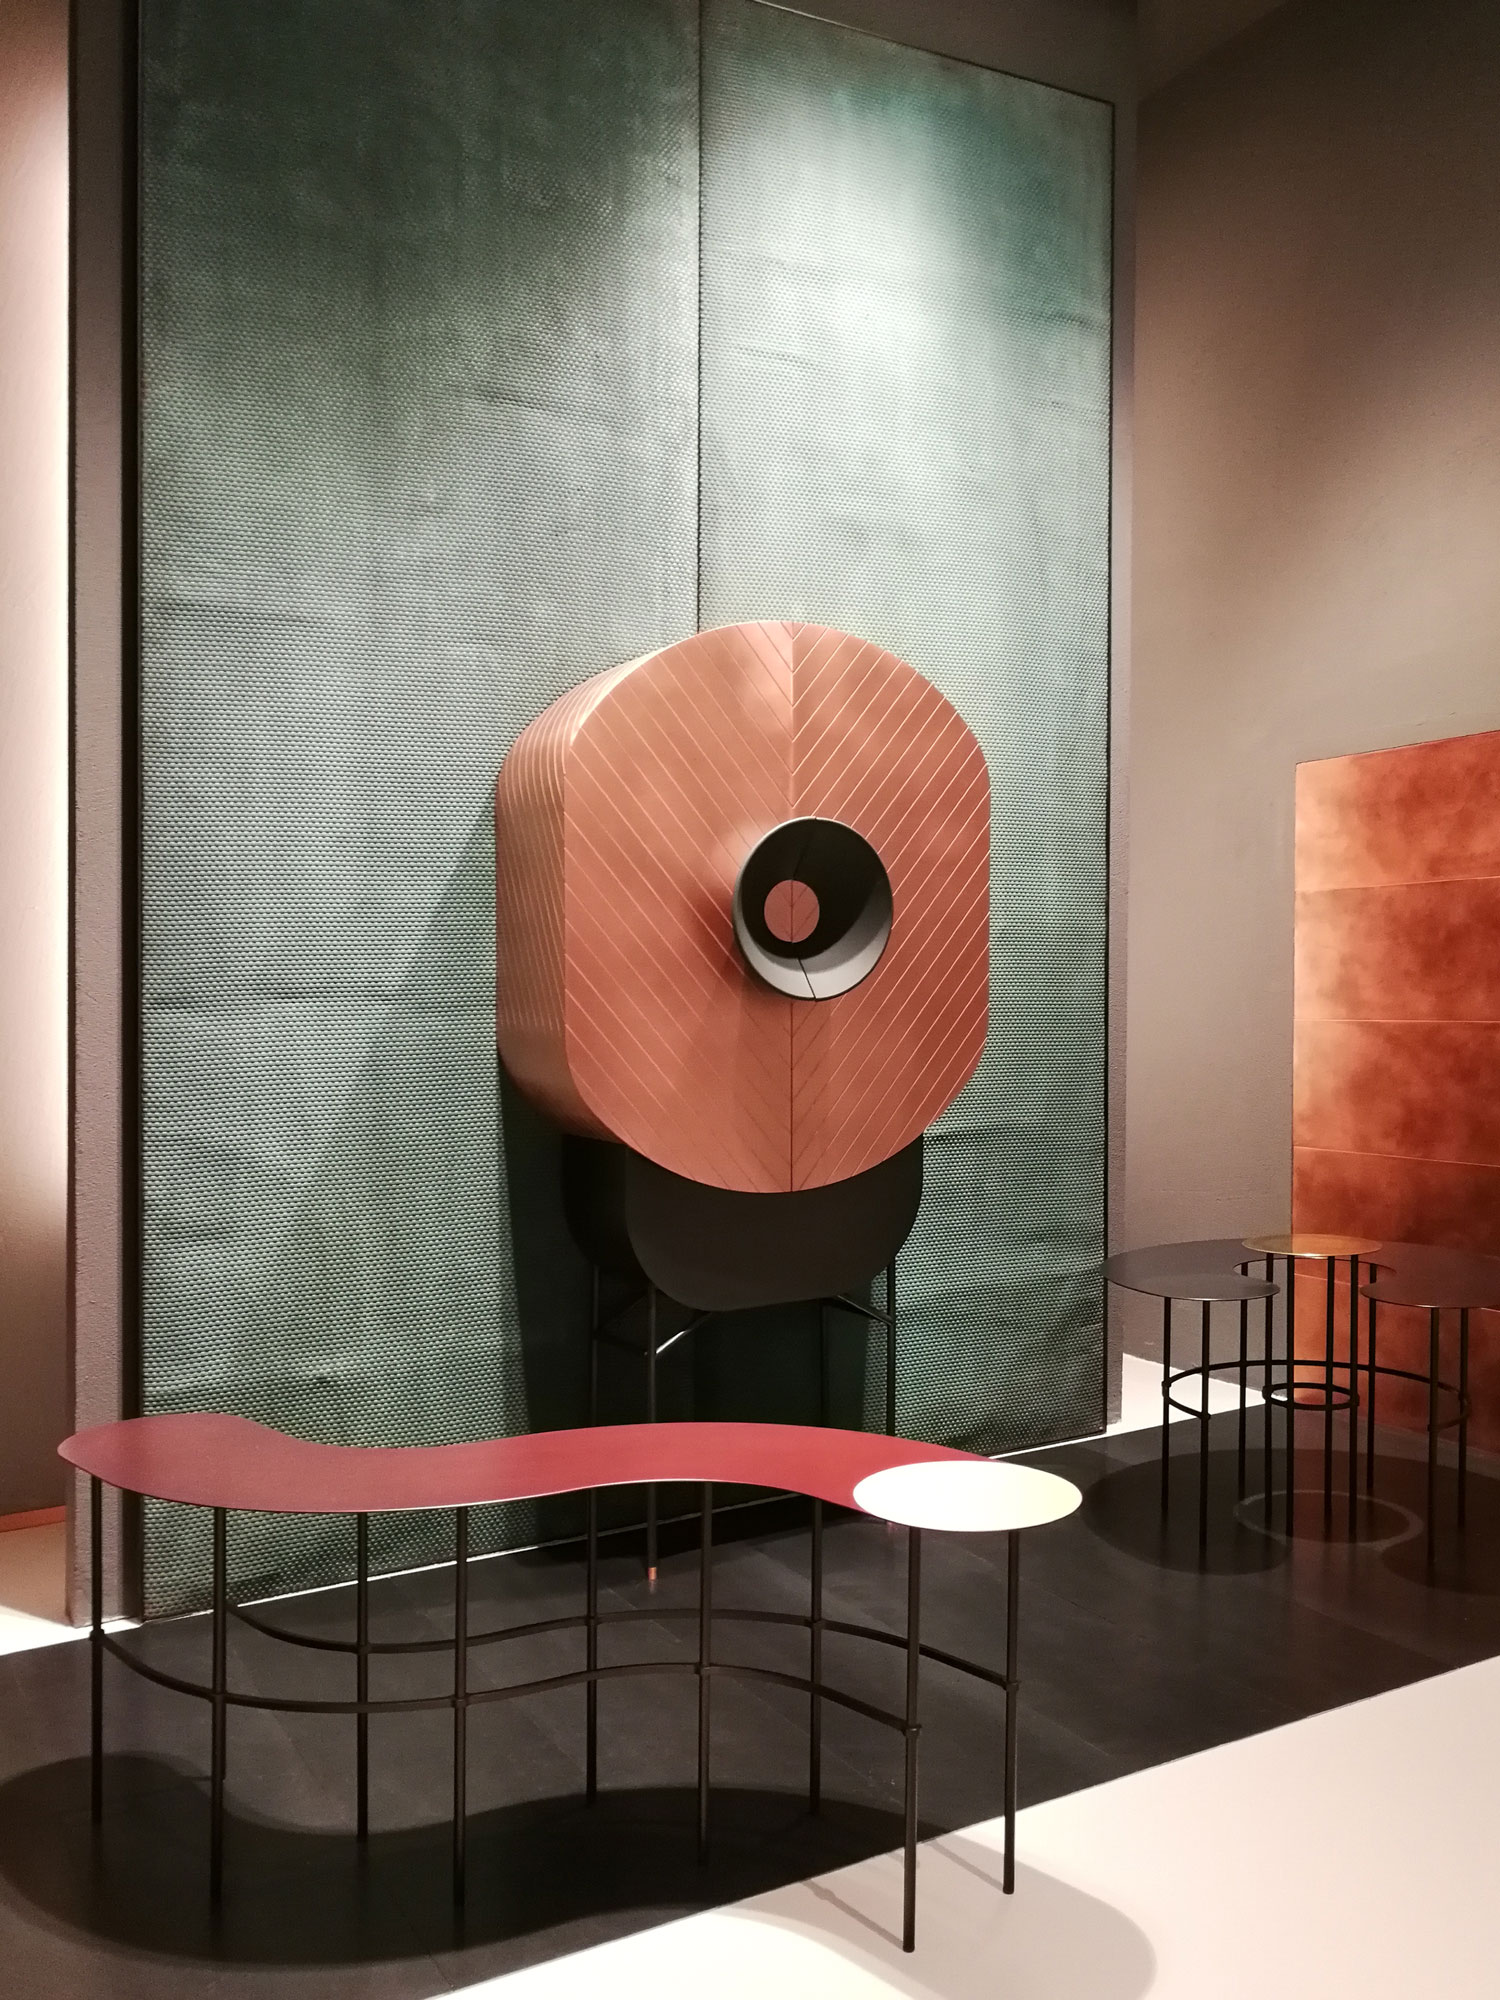 Interior design trends for 2020 - Metals interior trend - Authentic Interior design studio & blog www.authenticinterior.com